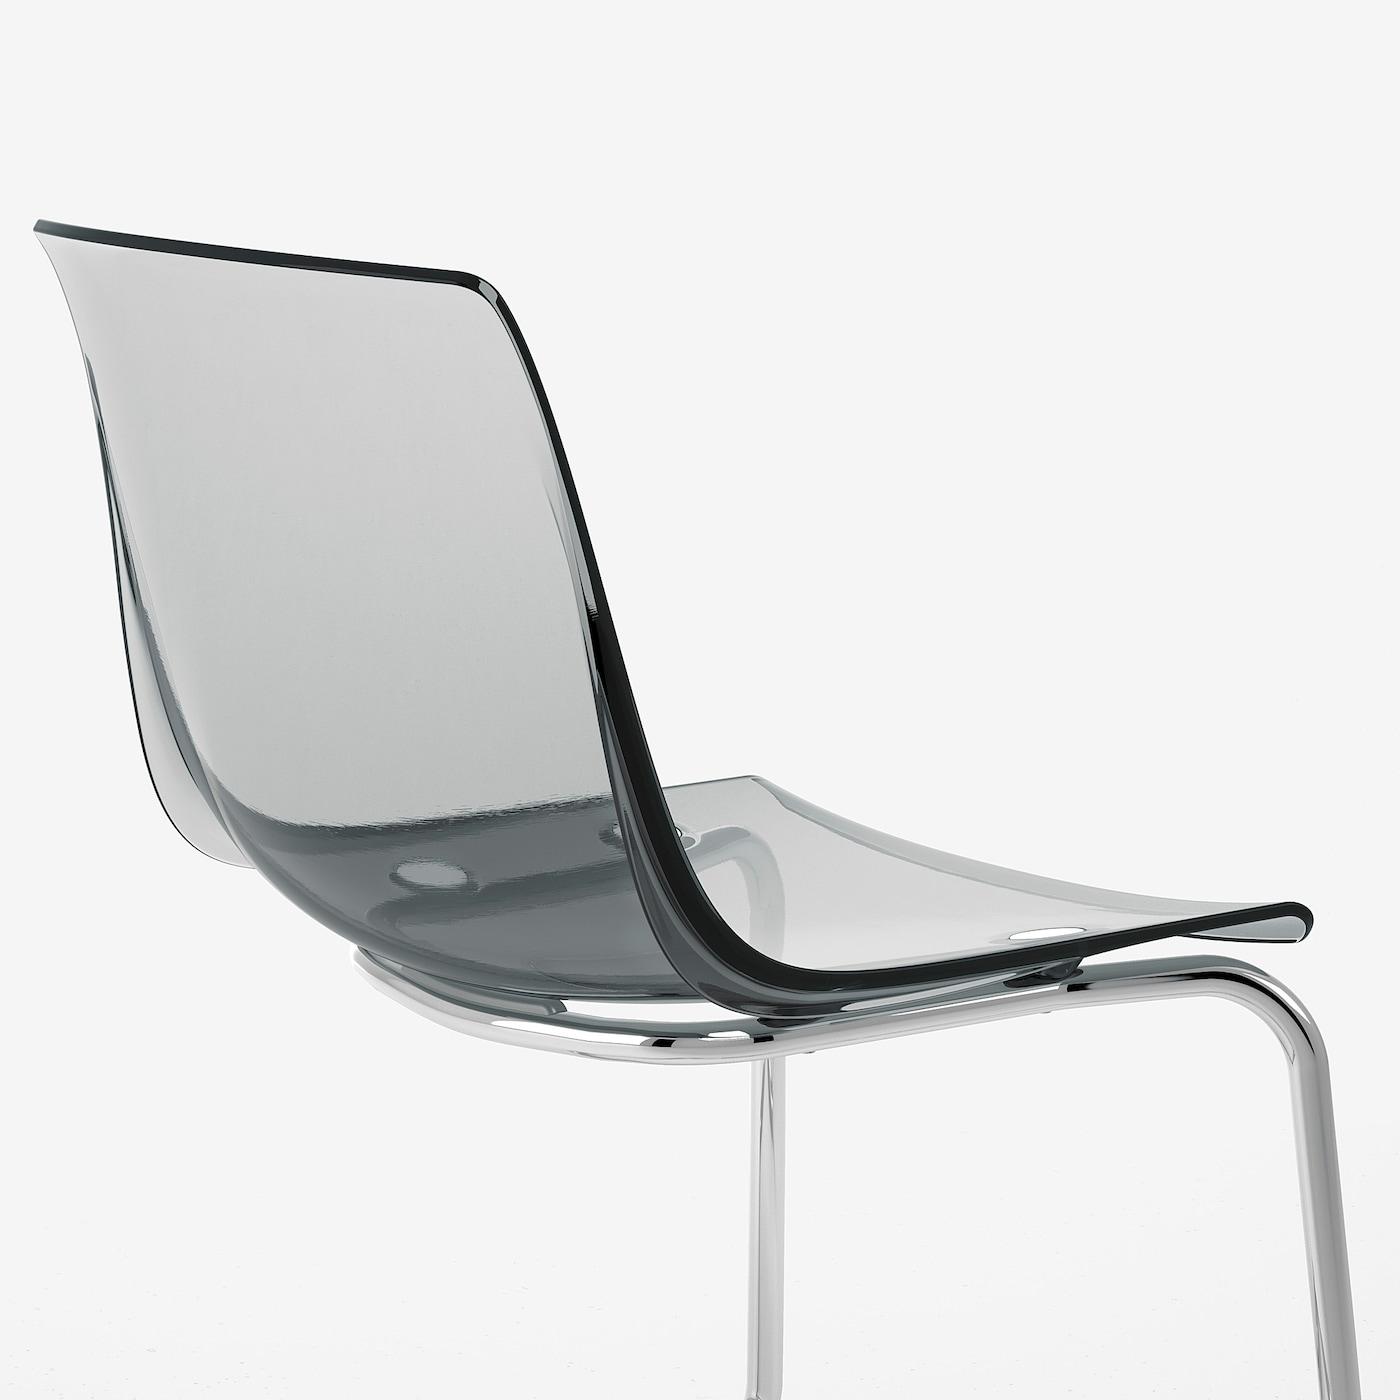 TOBIAS Eetkamerstoel, grijs, verchroomd IKEA